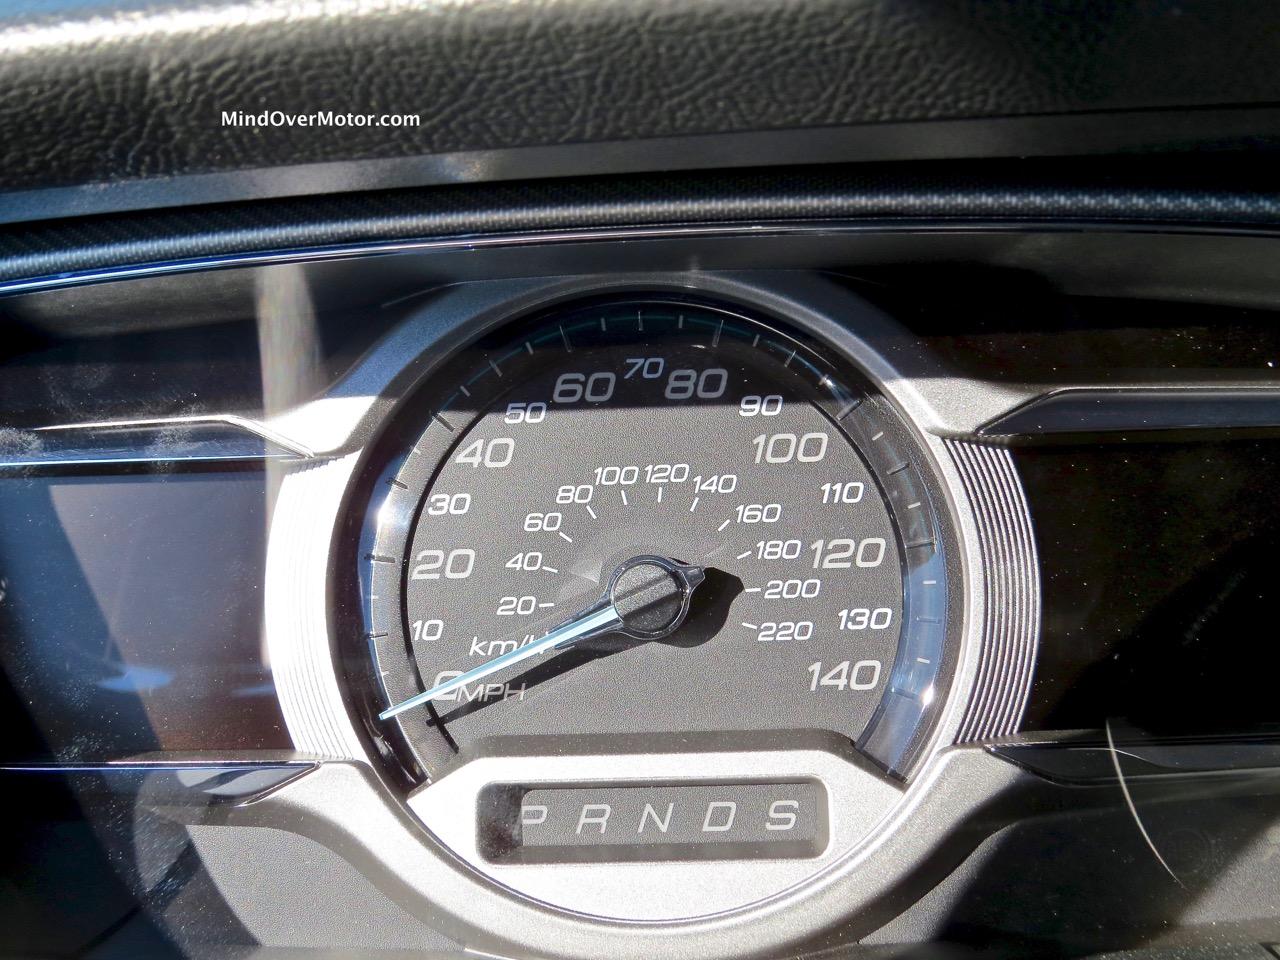 2015 Ford Taurus SHO Speedometer